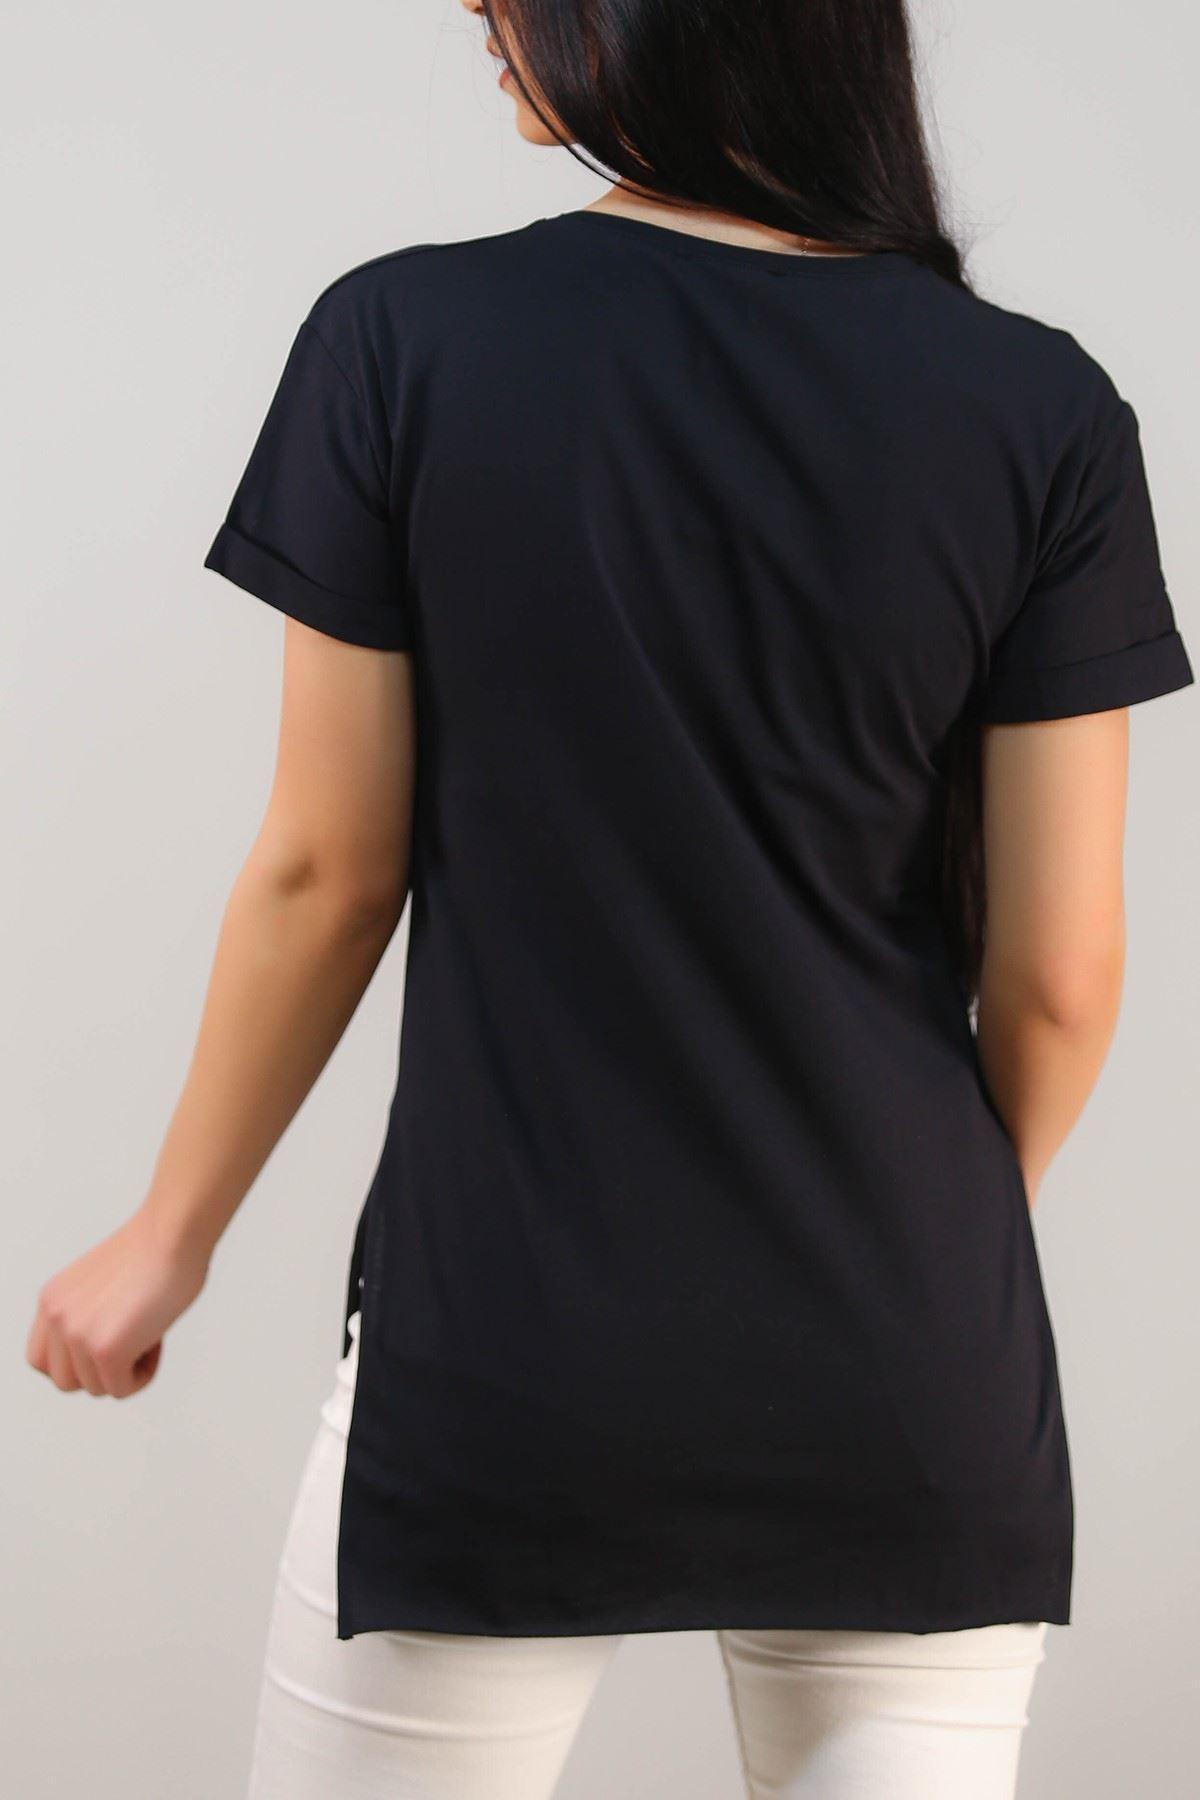 Baskılı Tişört Siyah - 4999.336.